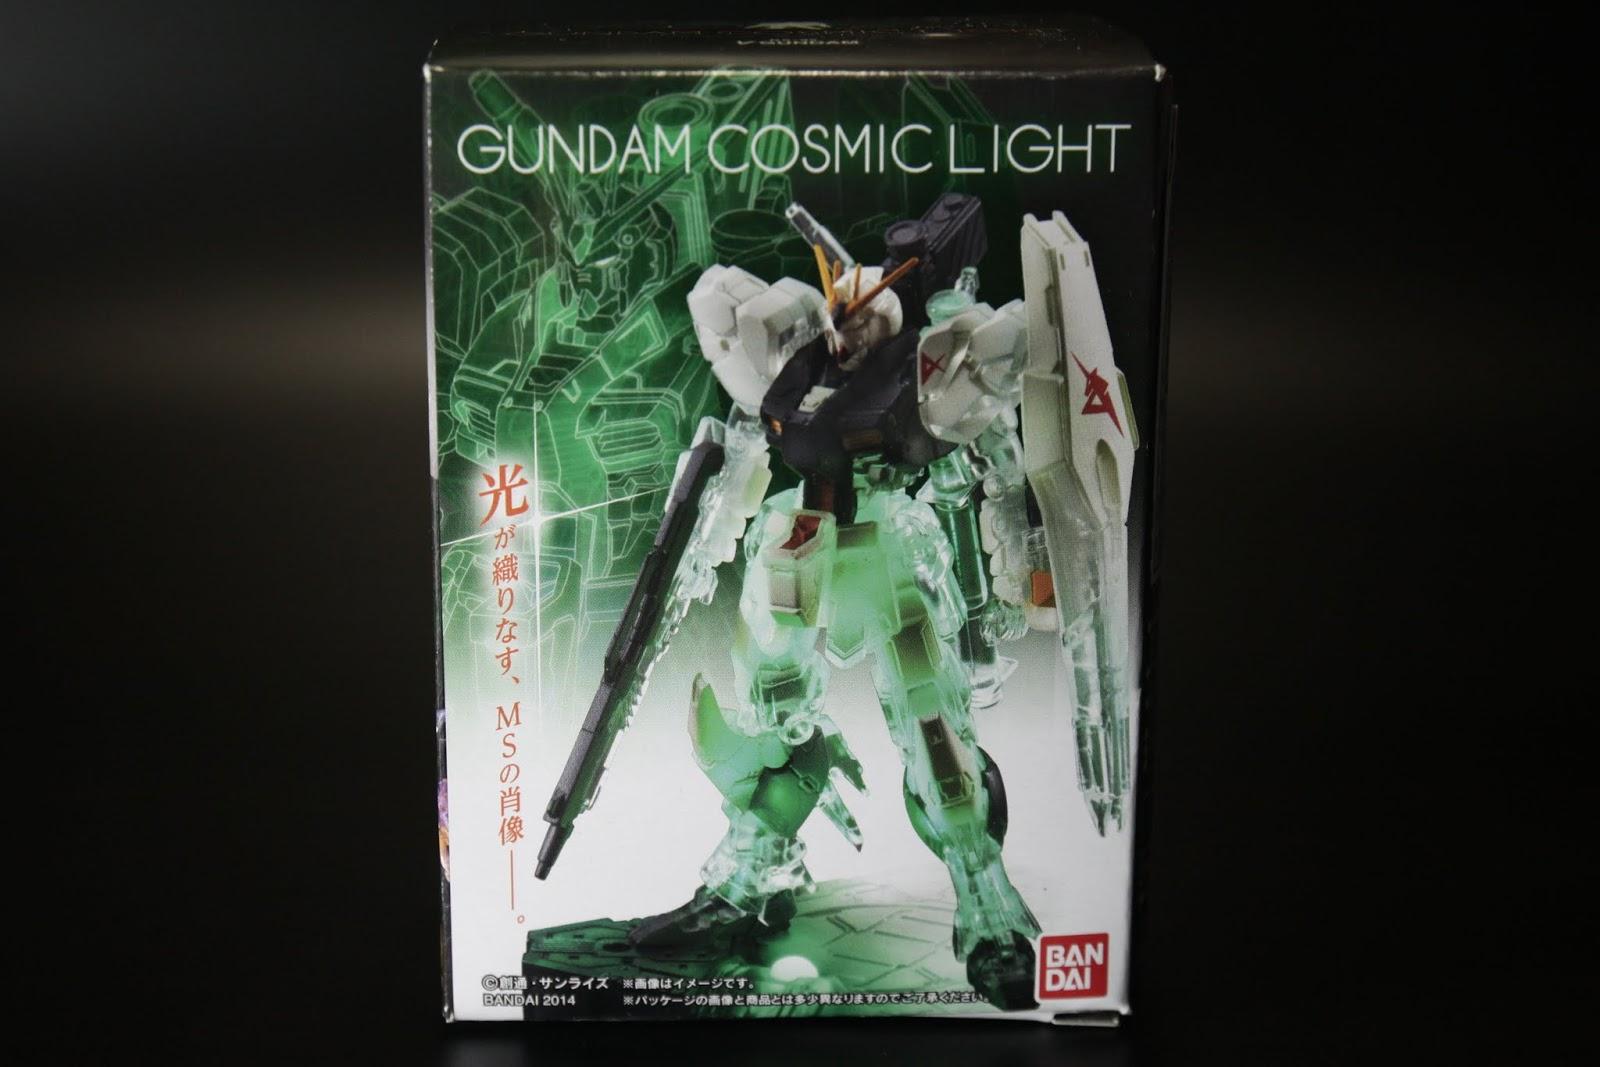 鋼彈宇宙之光,一個新的盒玩系列